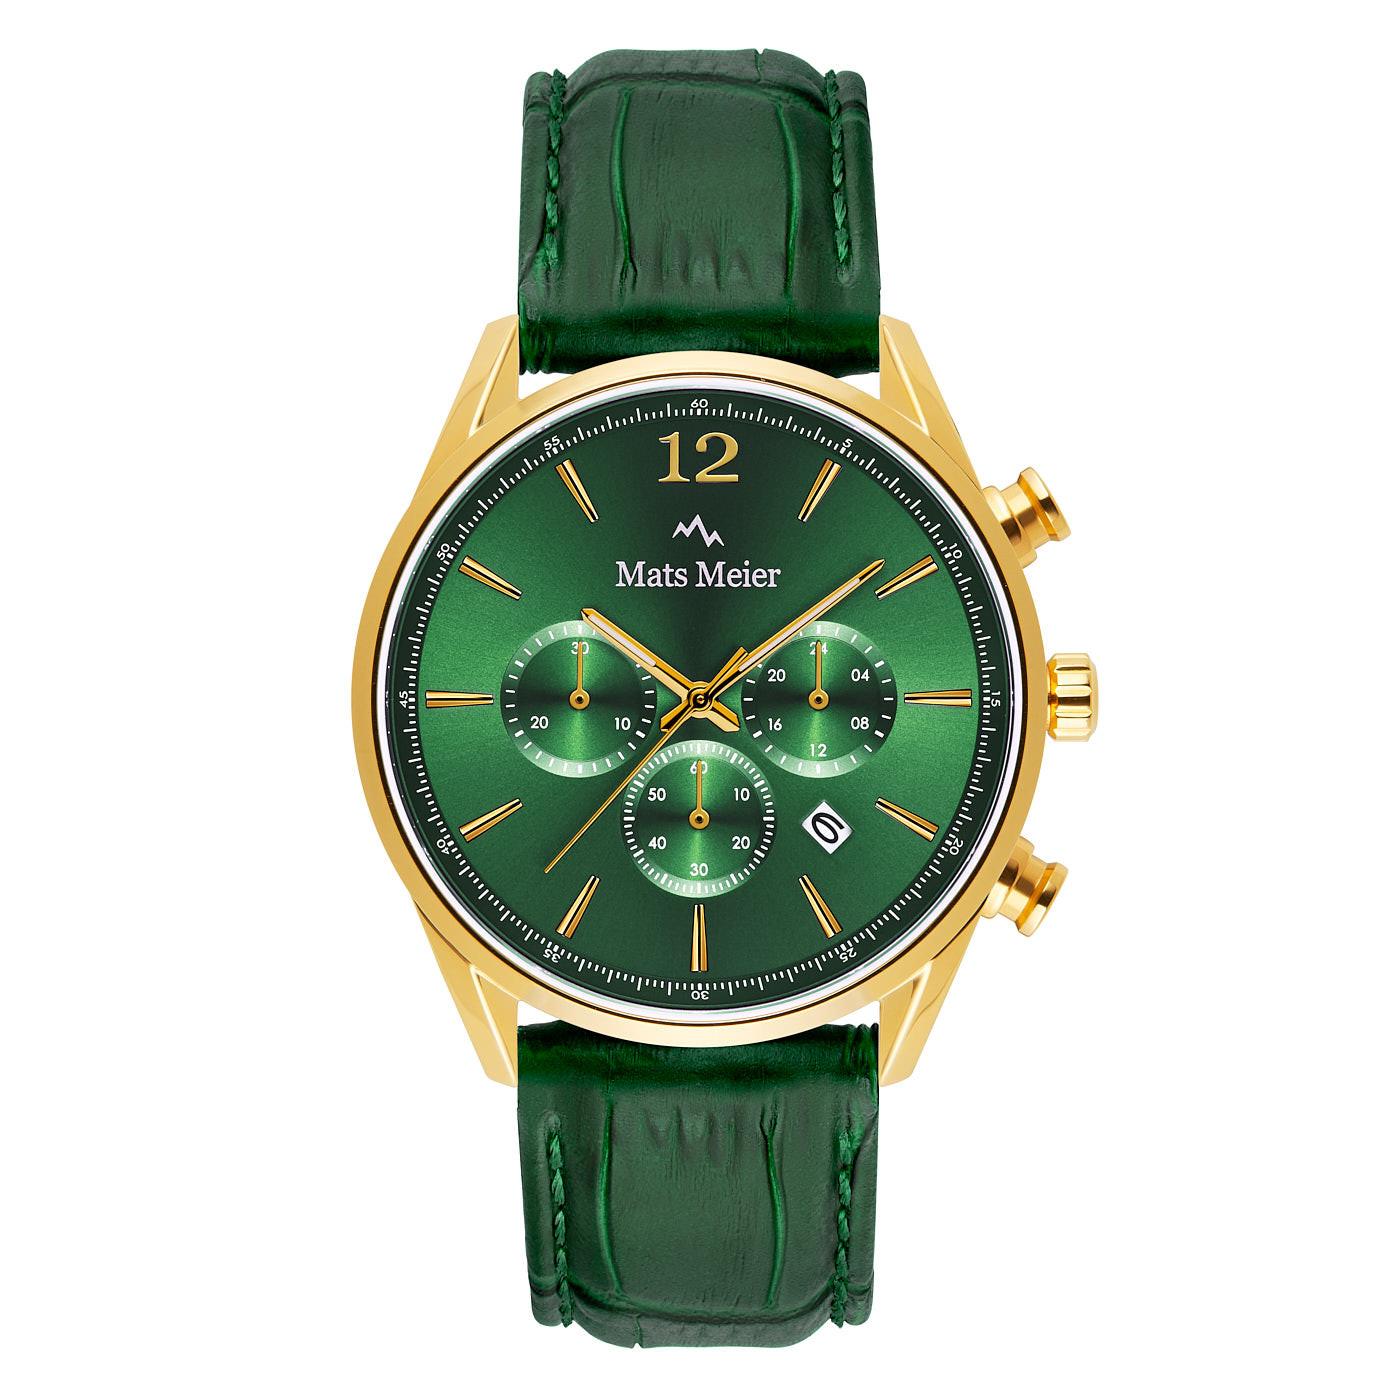 Mats Meier Grand Cornier chronograph watch green/gold colored steel